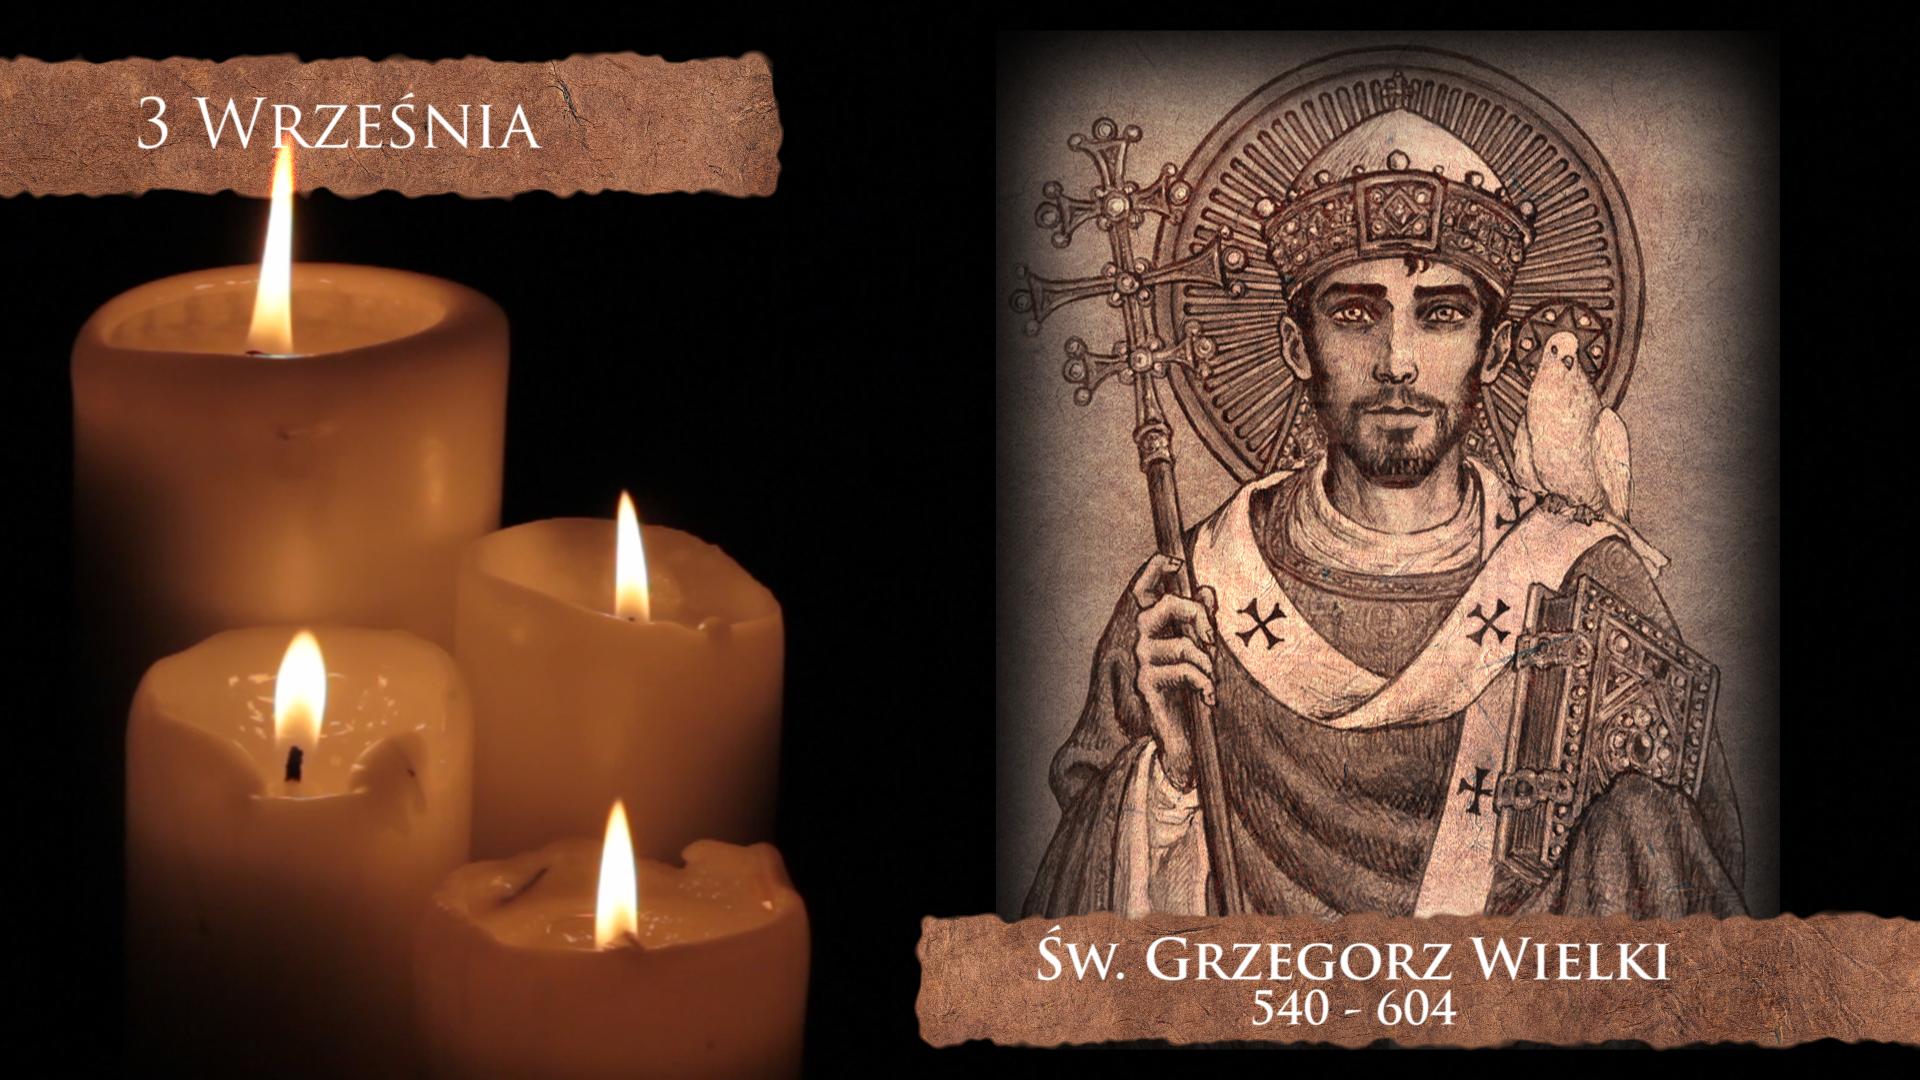 Św. Grzegorz Wielki - reformator Kościoła